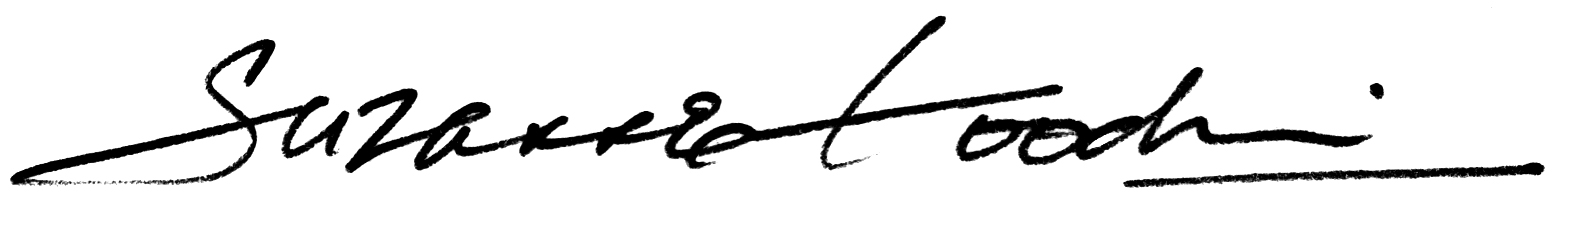 Suzanne Goodwin's Signature